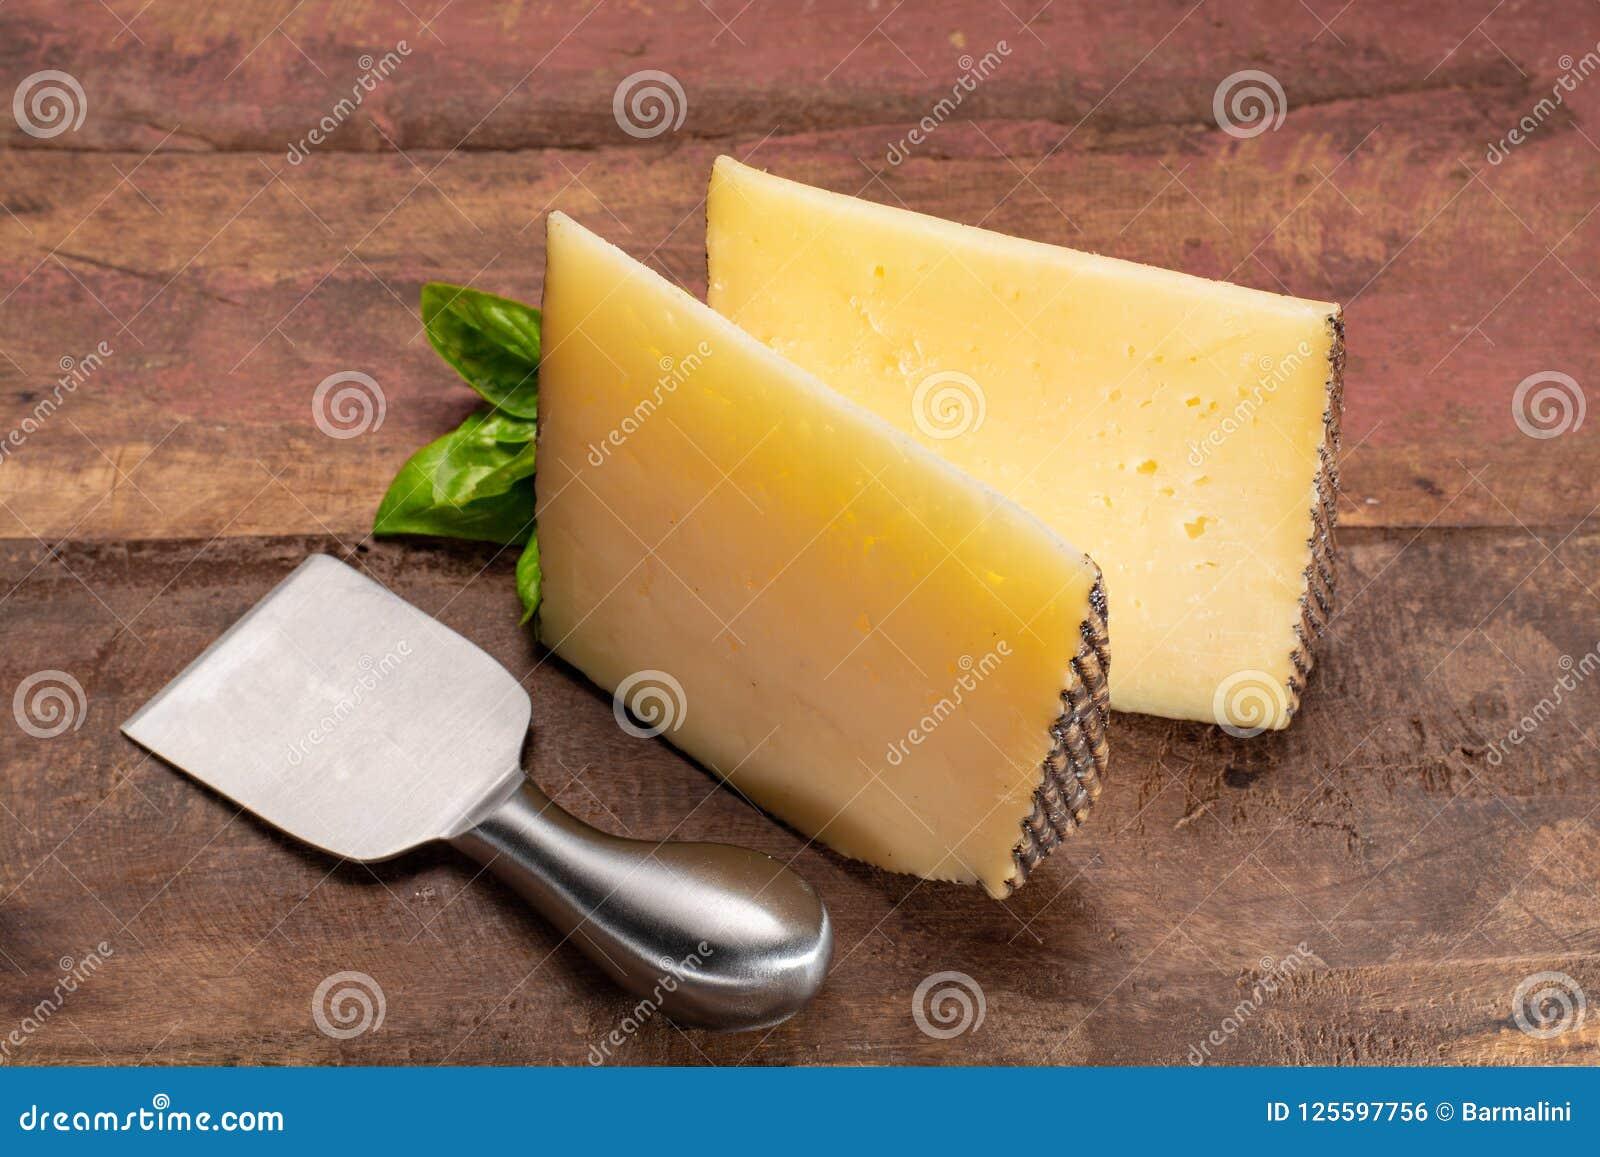 Två stycken av Manchego, quesomanchego, ost som göras i La Mancha